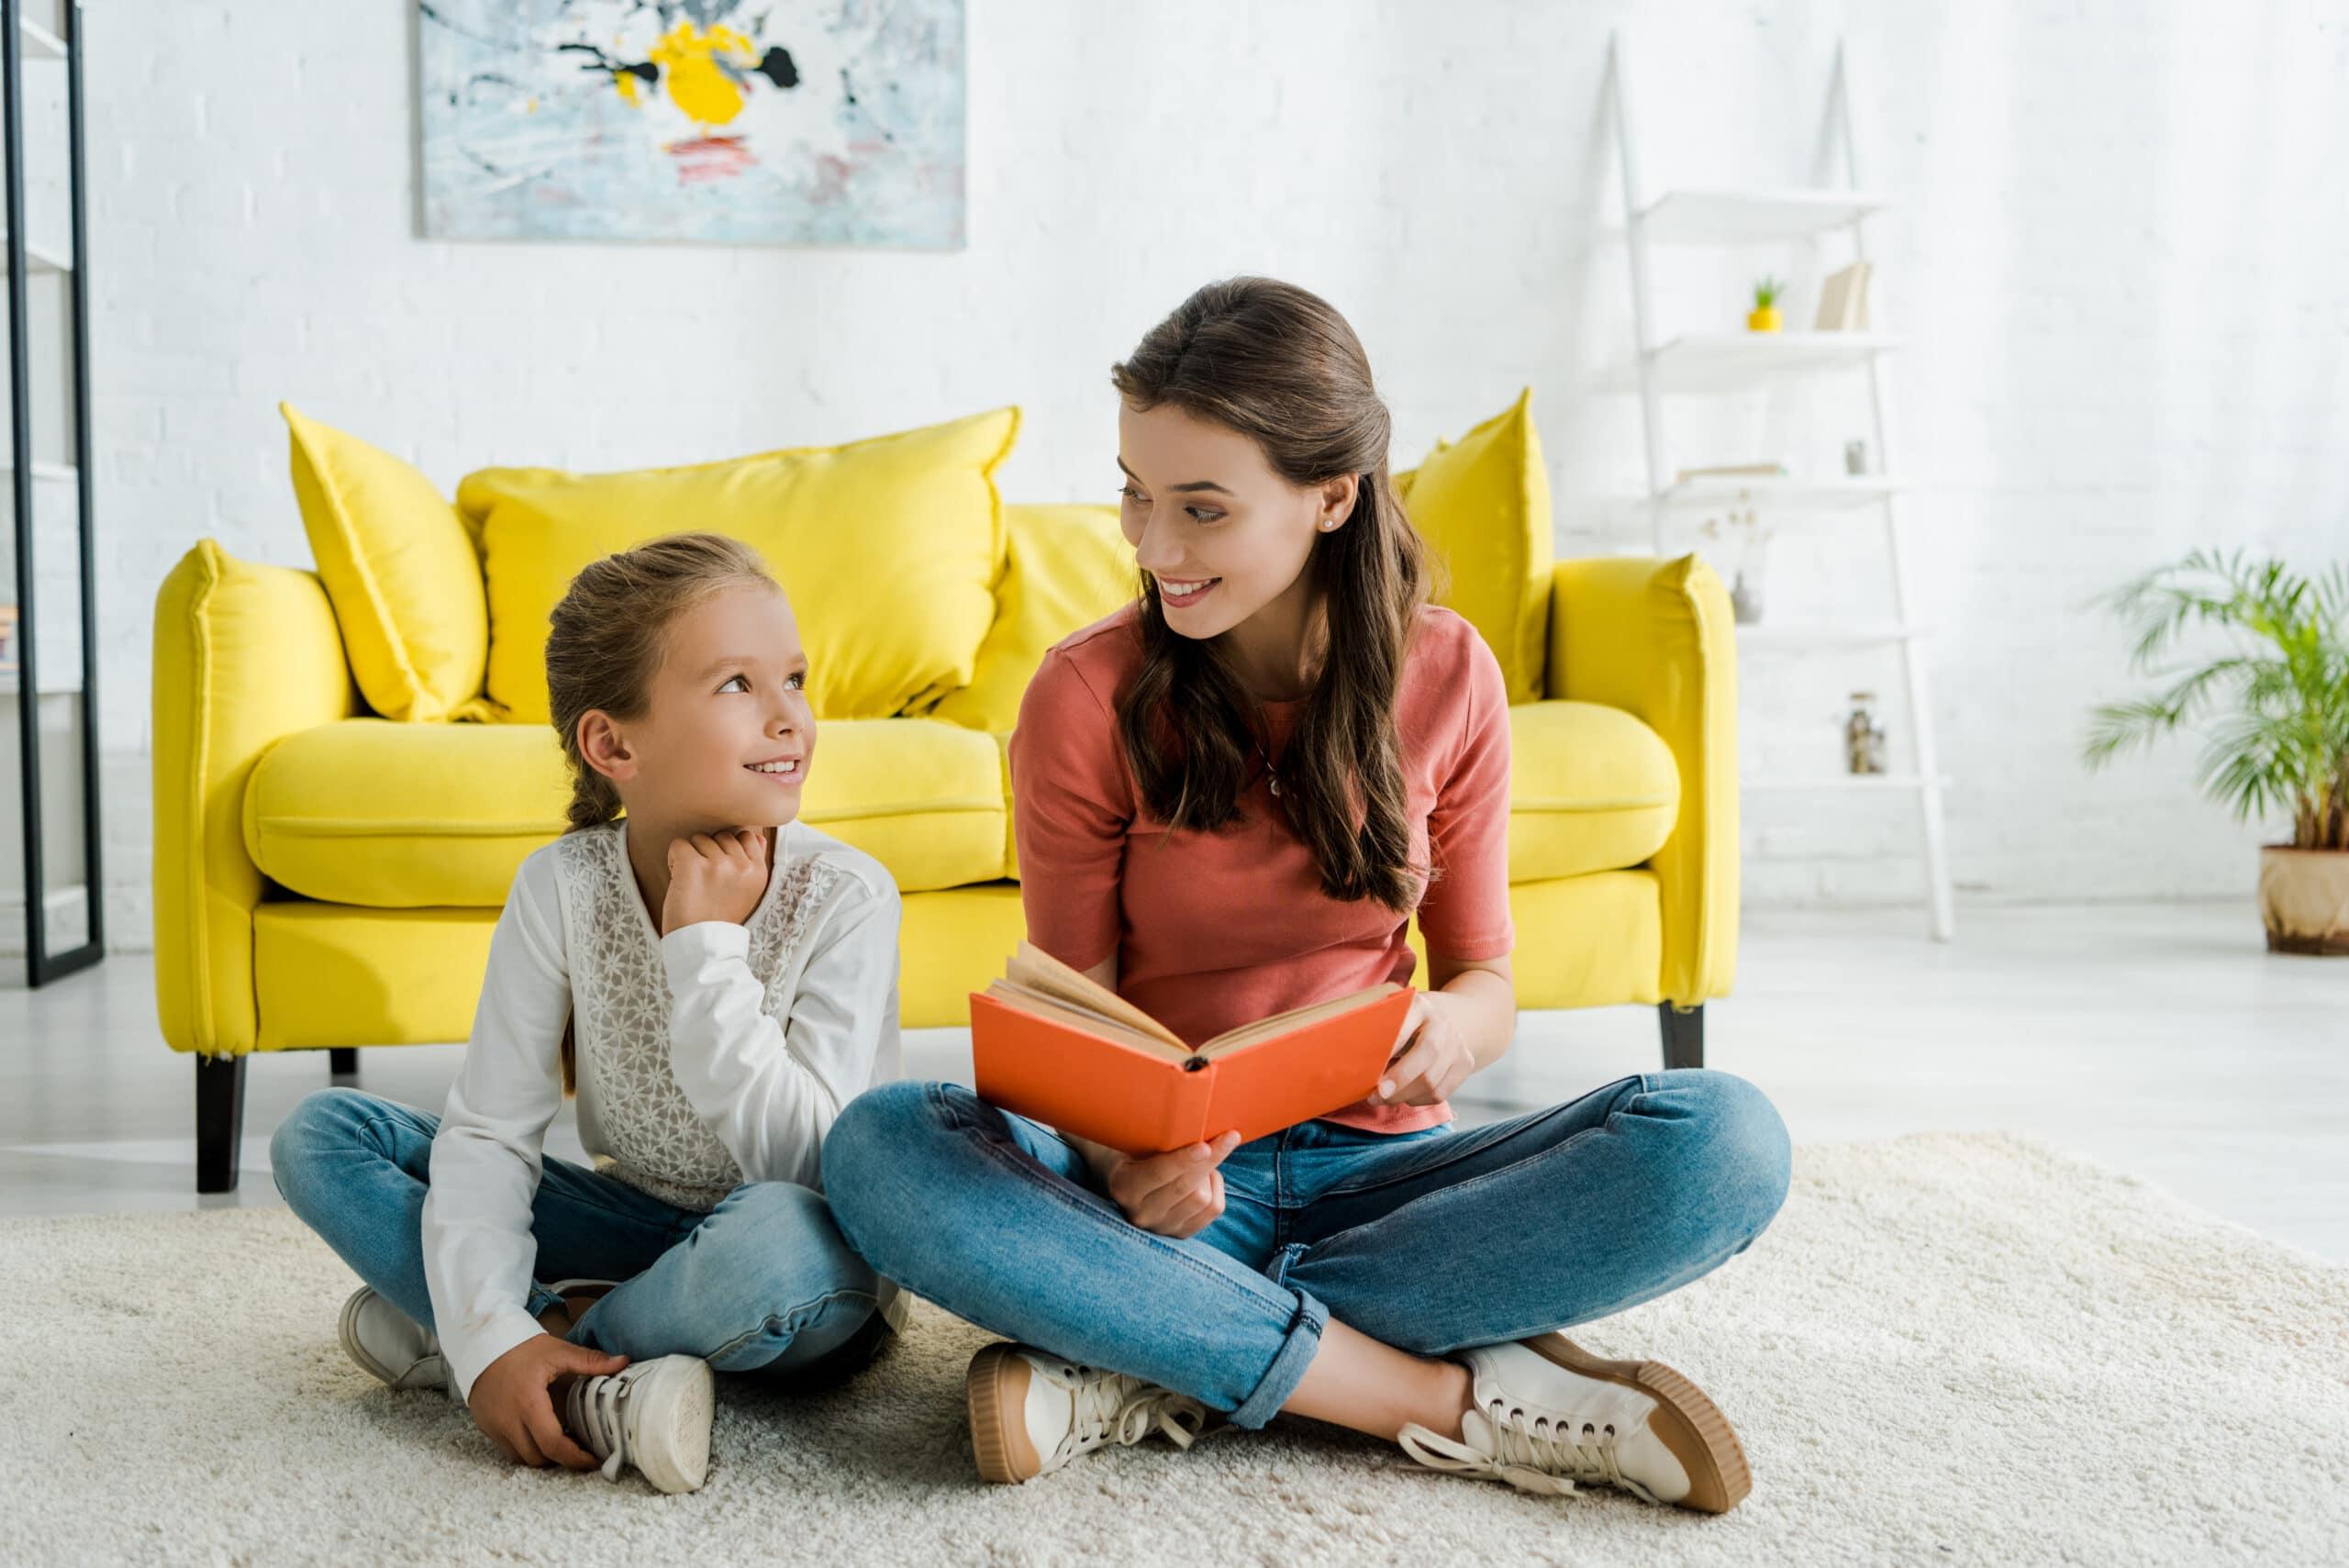 Laskutus yksityishenkilönä. Lapsenvahti lukee lapselle.